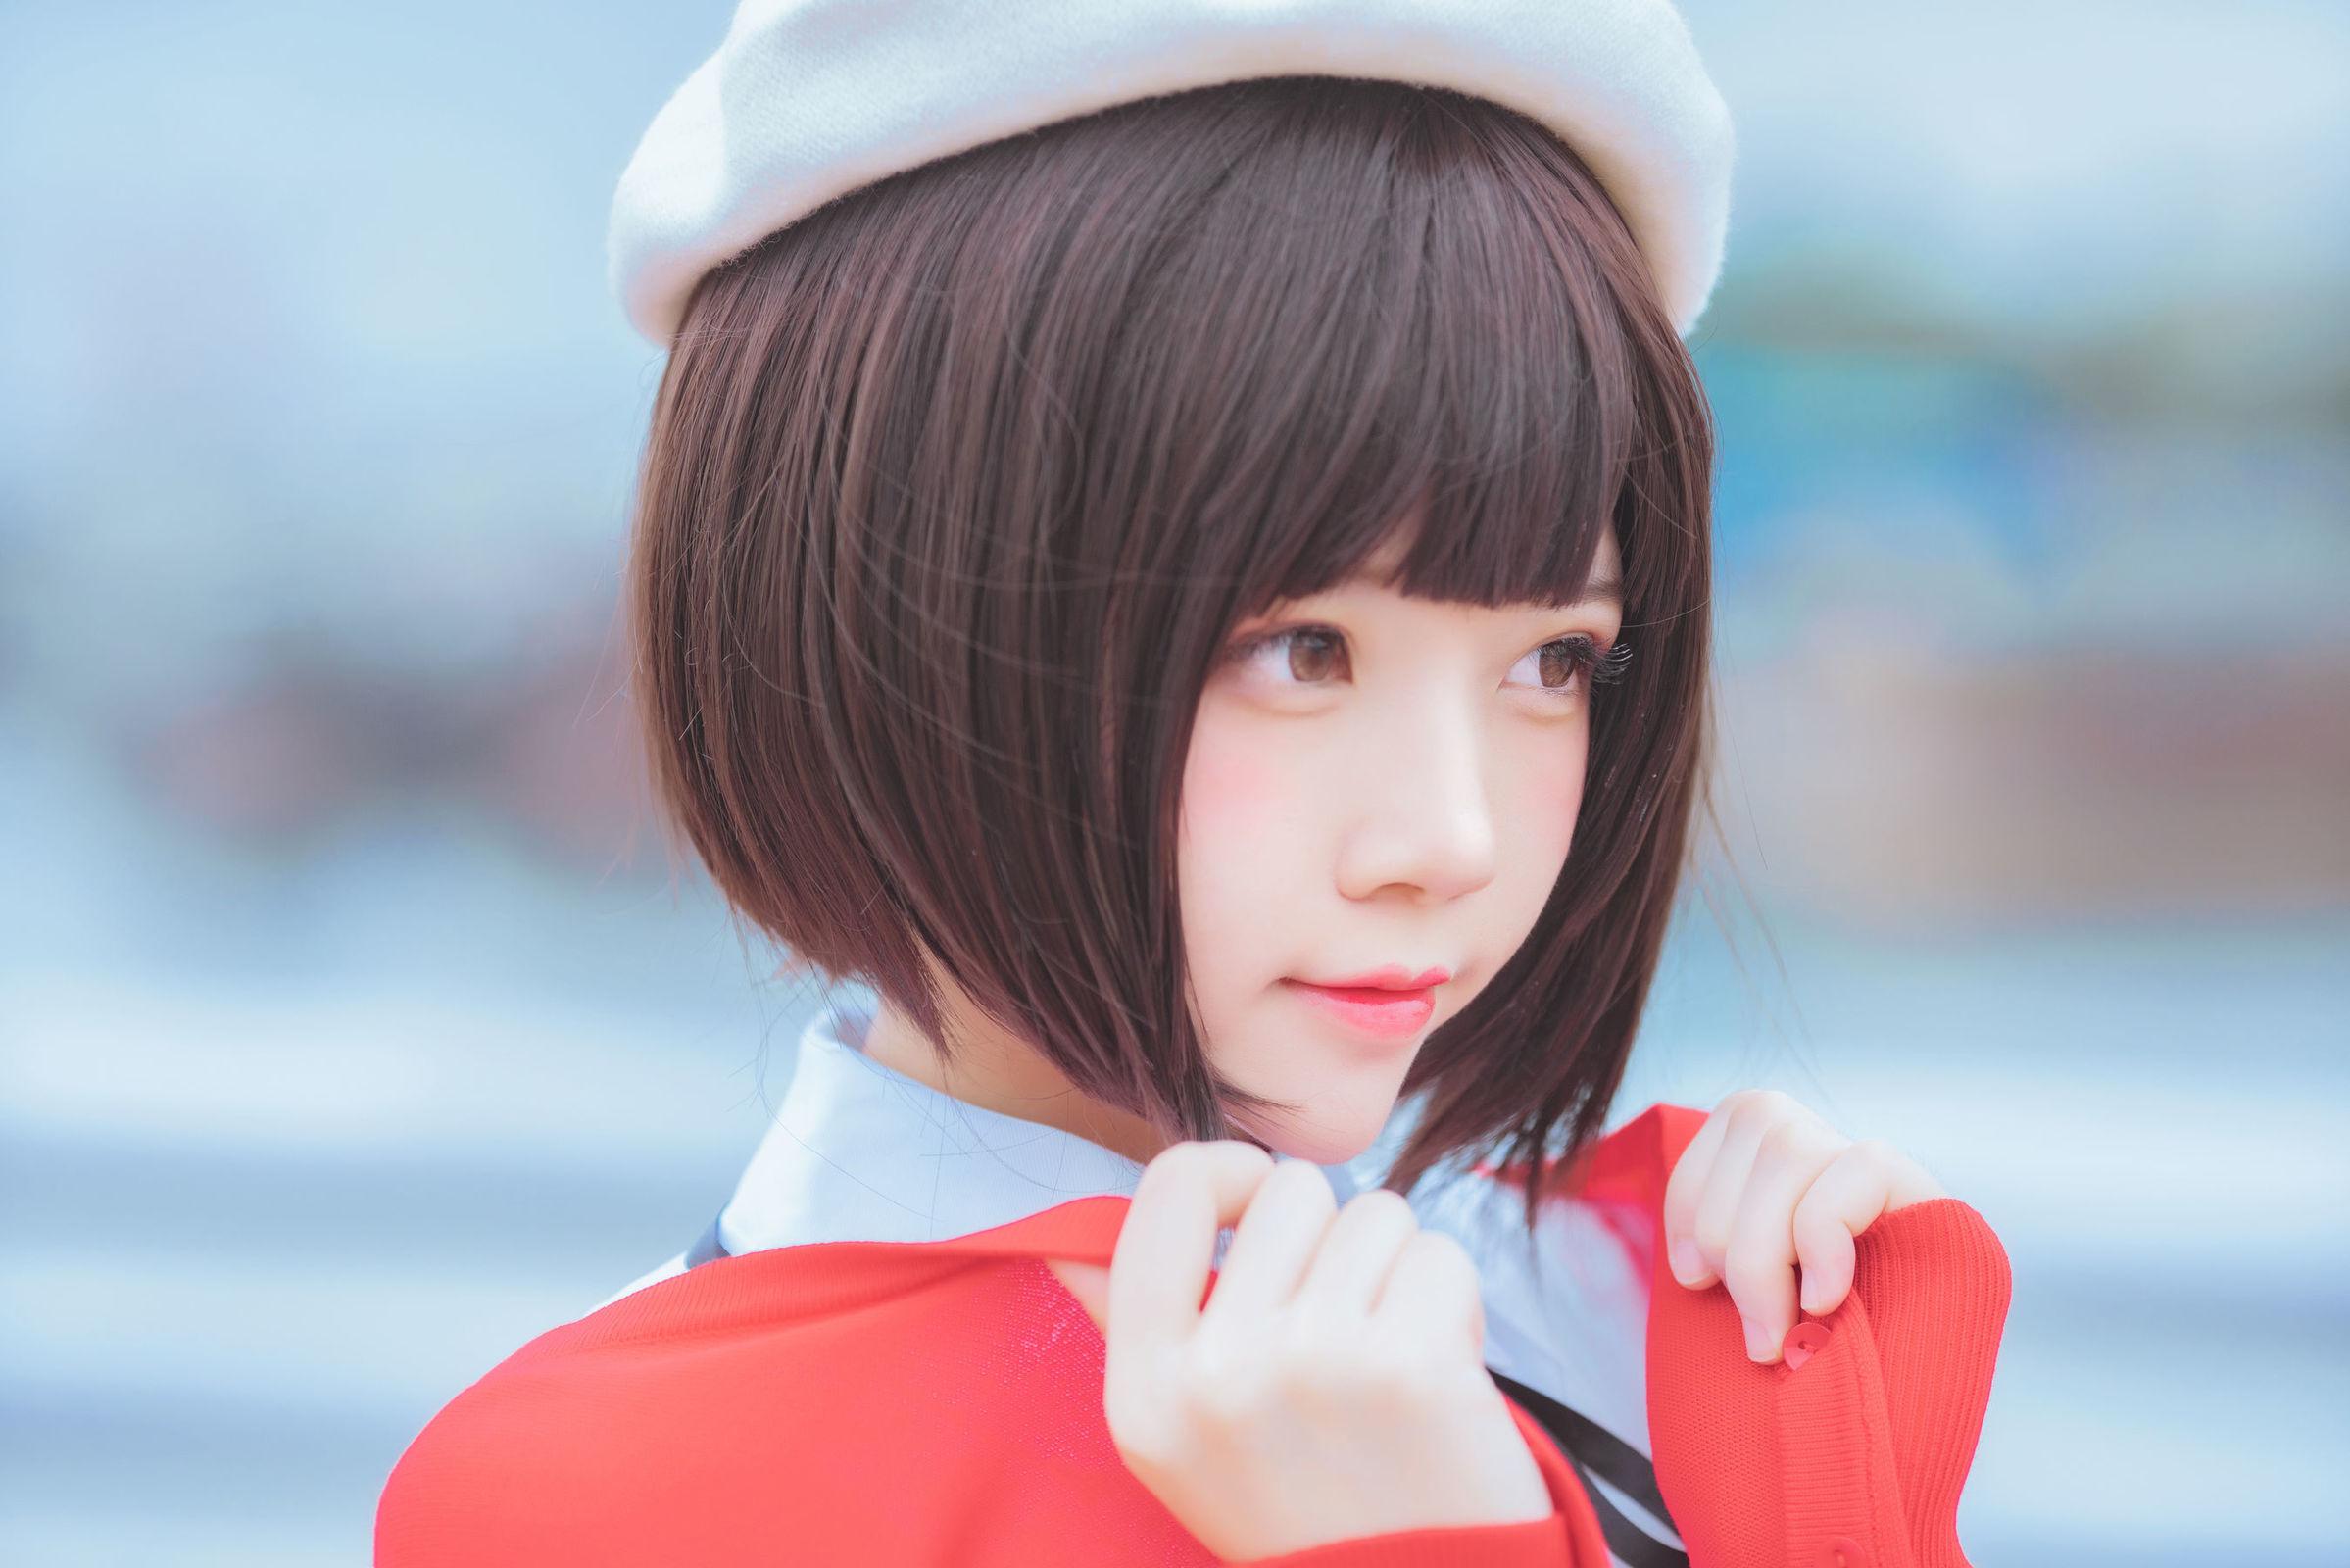 加藤惠 桜桃喵 COSPLAY10